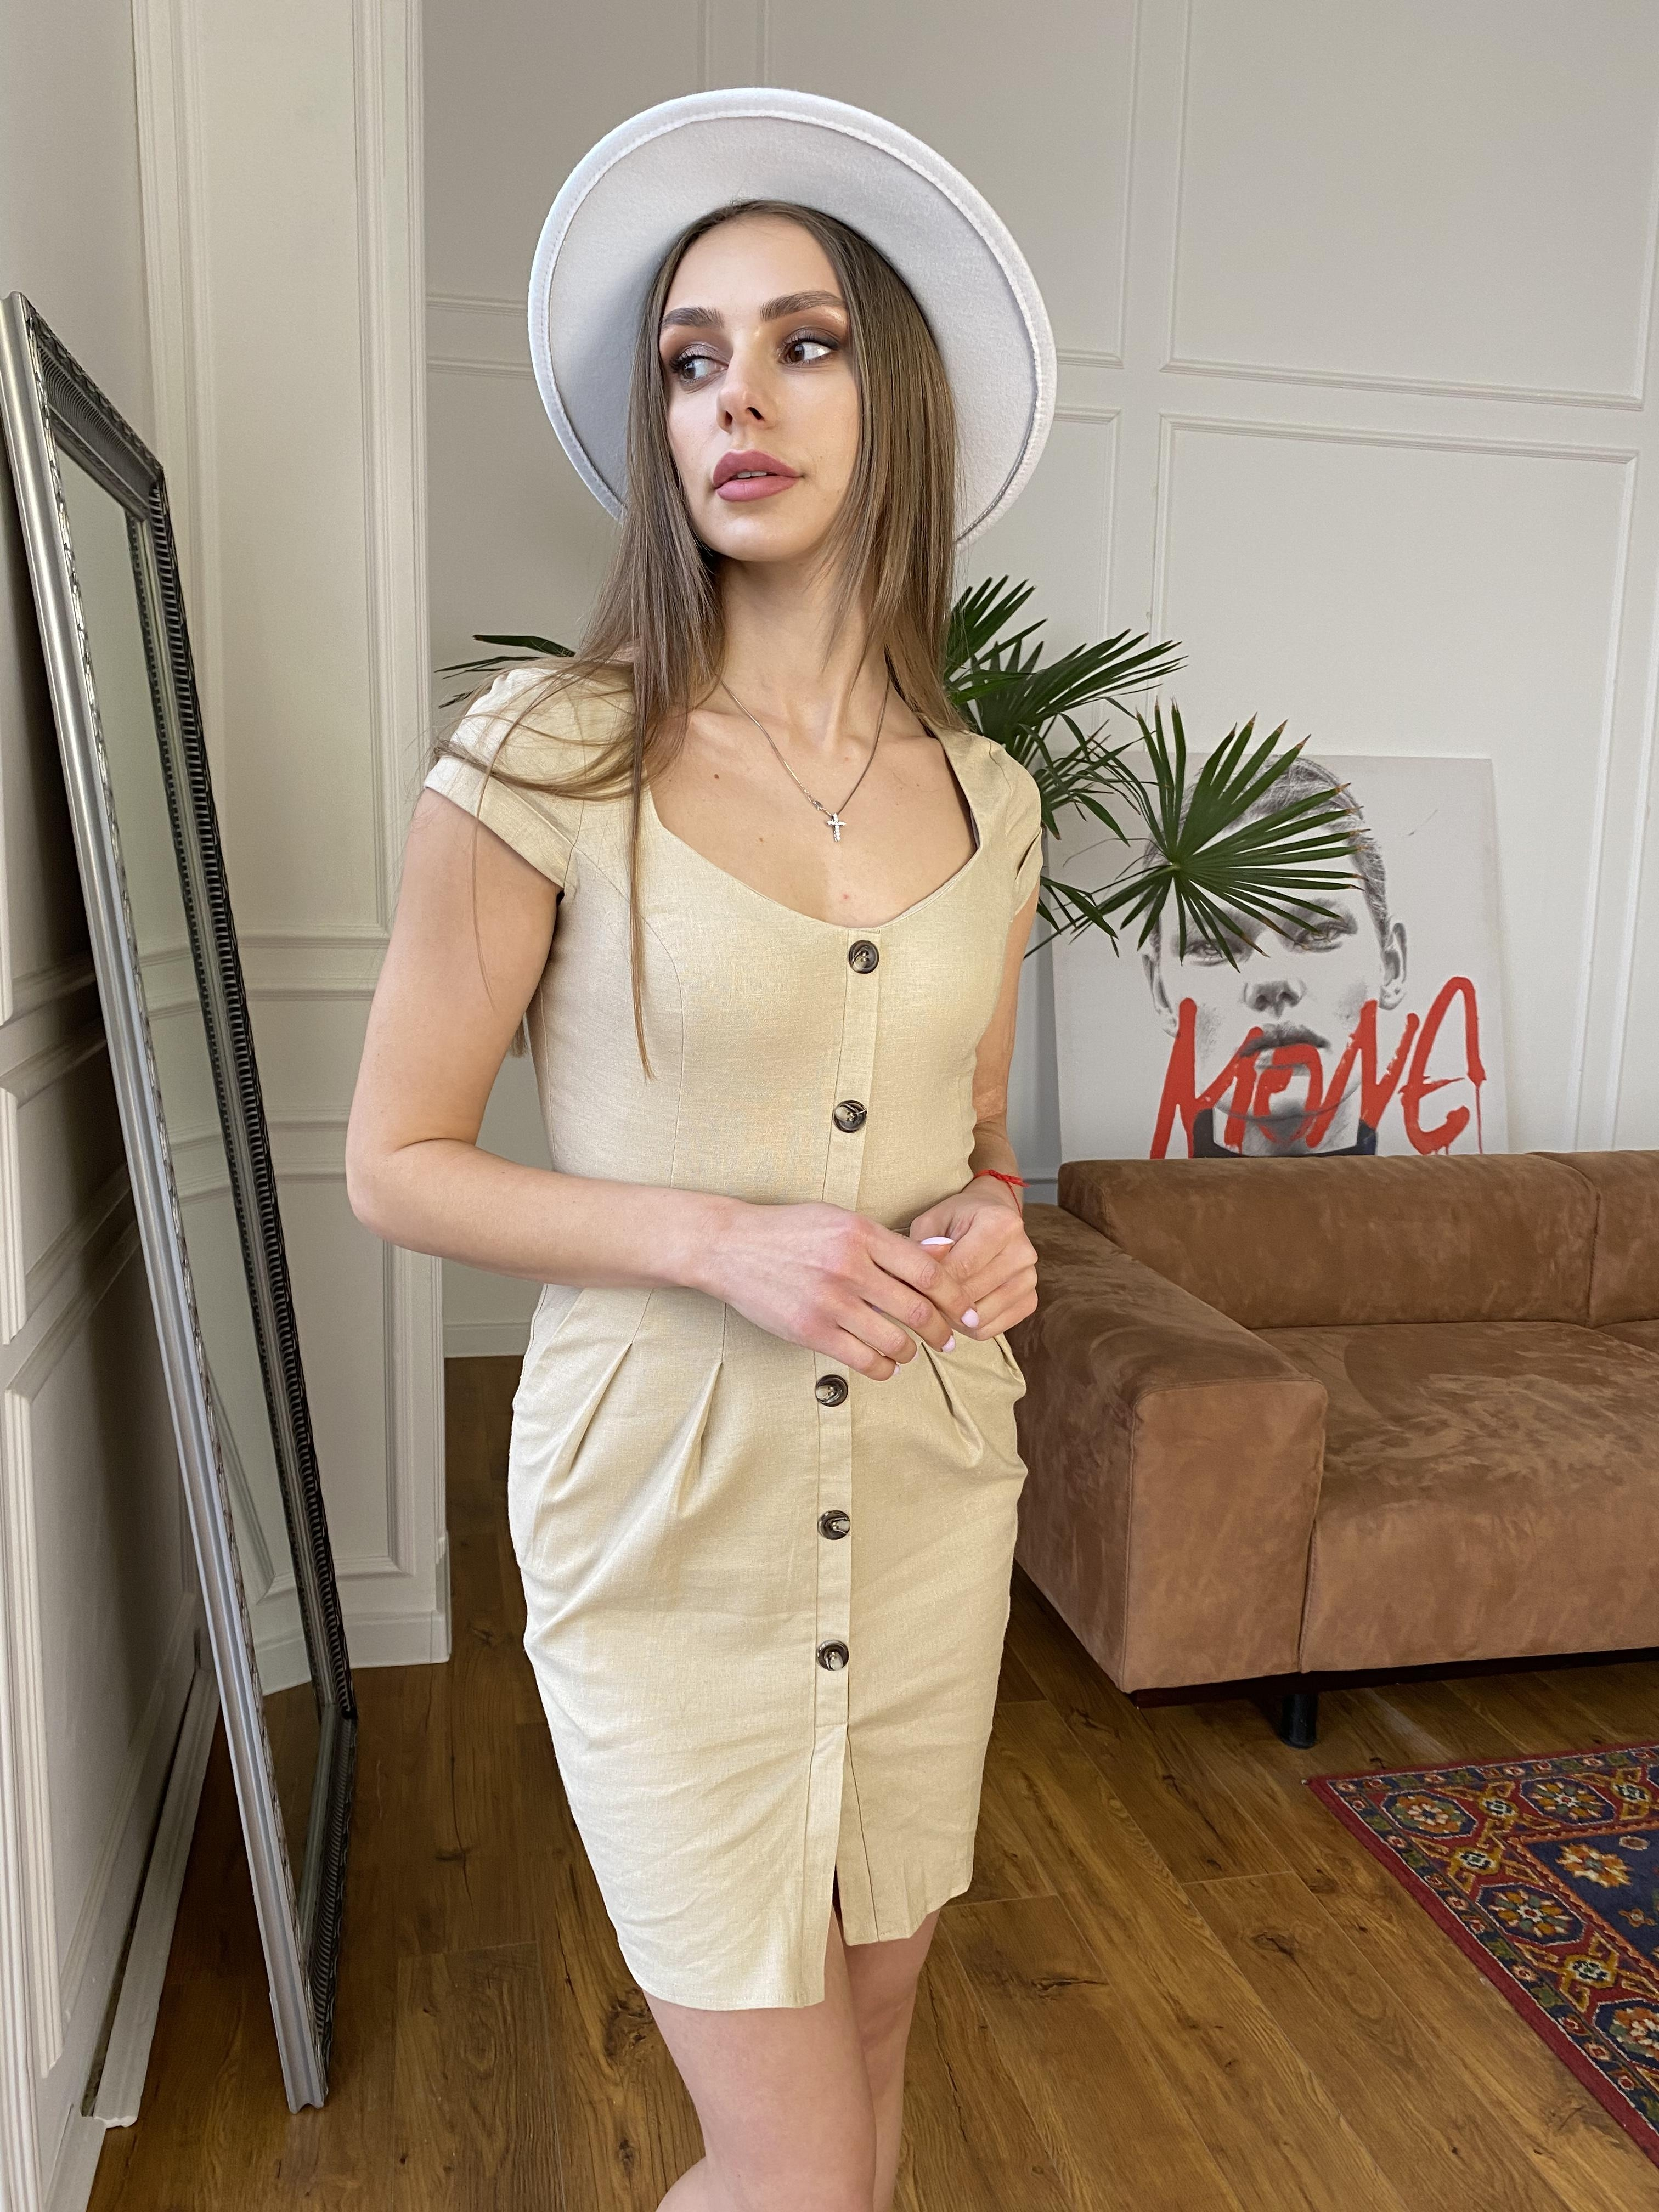 Марсель платье мини из льна  стрейч 9400 АРТ. 45754 Цвет: Бежевый - фото 4, интернет магазин tm-modus.ru